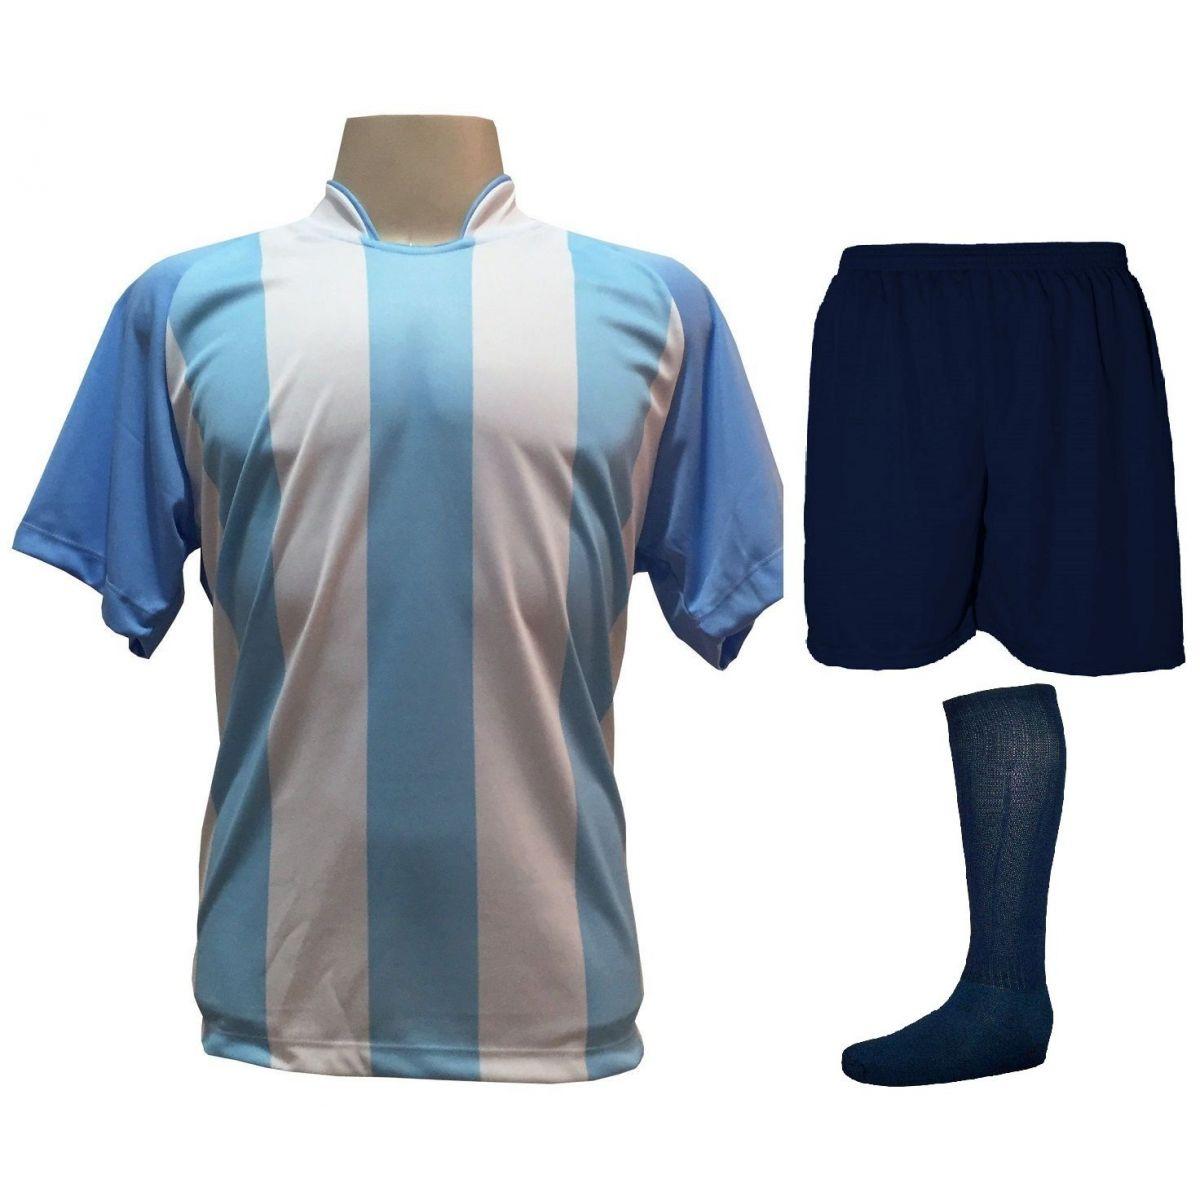 Uniforme Completo modelo Milan 18+1 (18 Camisas Celeste/Branco + 18 Calções Madrid Marinho + 18 Pares de Meiões Marinho + 1 Conjunto de Goleiro) + Brindes